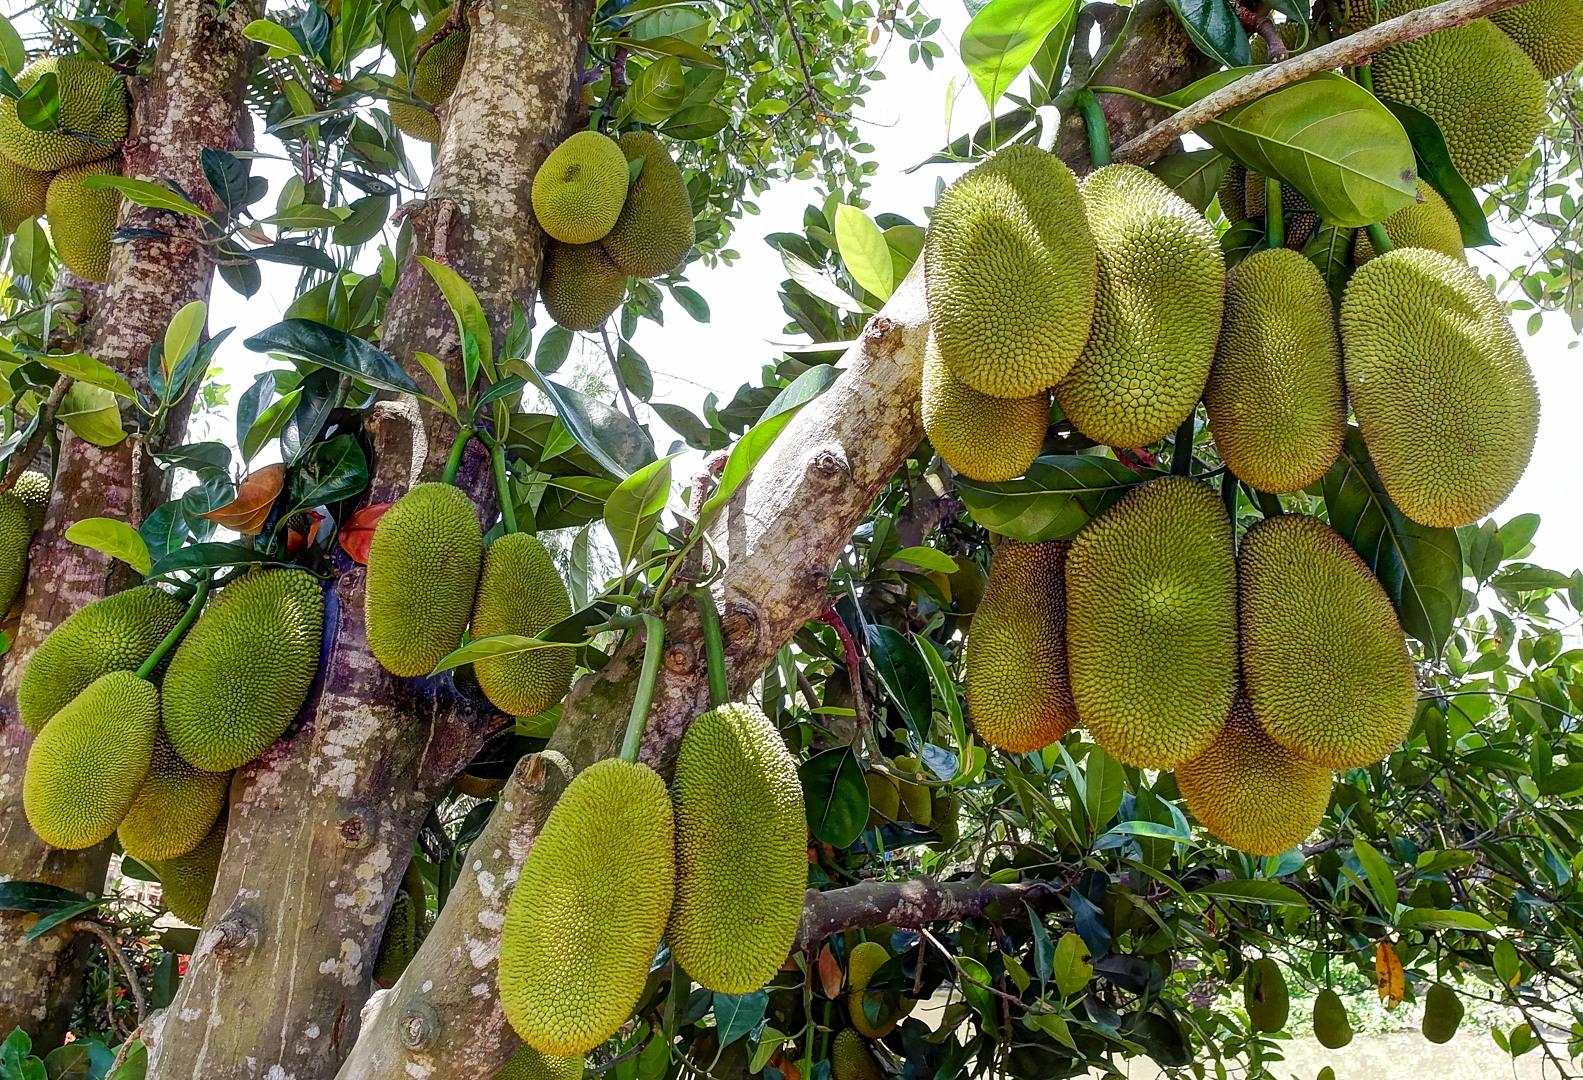 Джекфрут (Artocarpus heterophyllus), Вьетнам